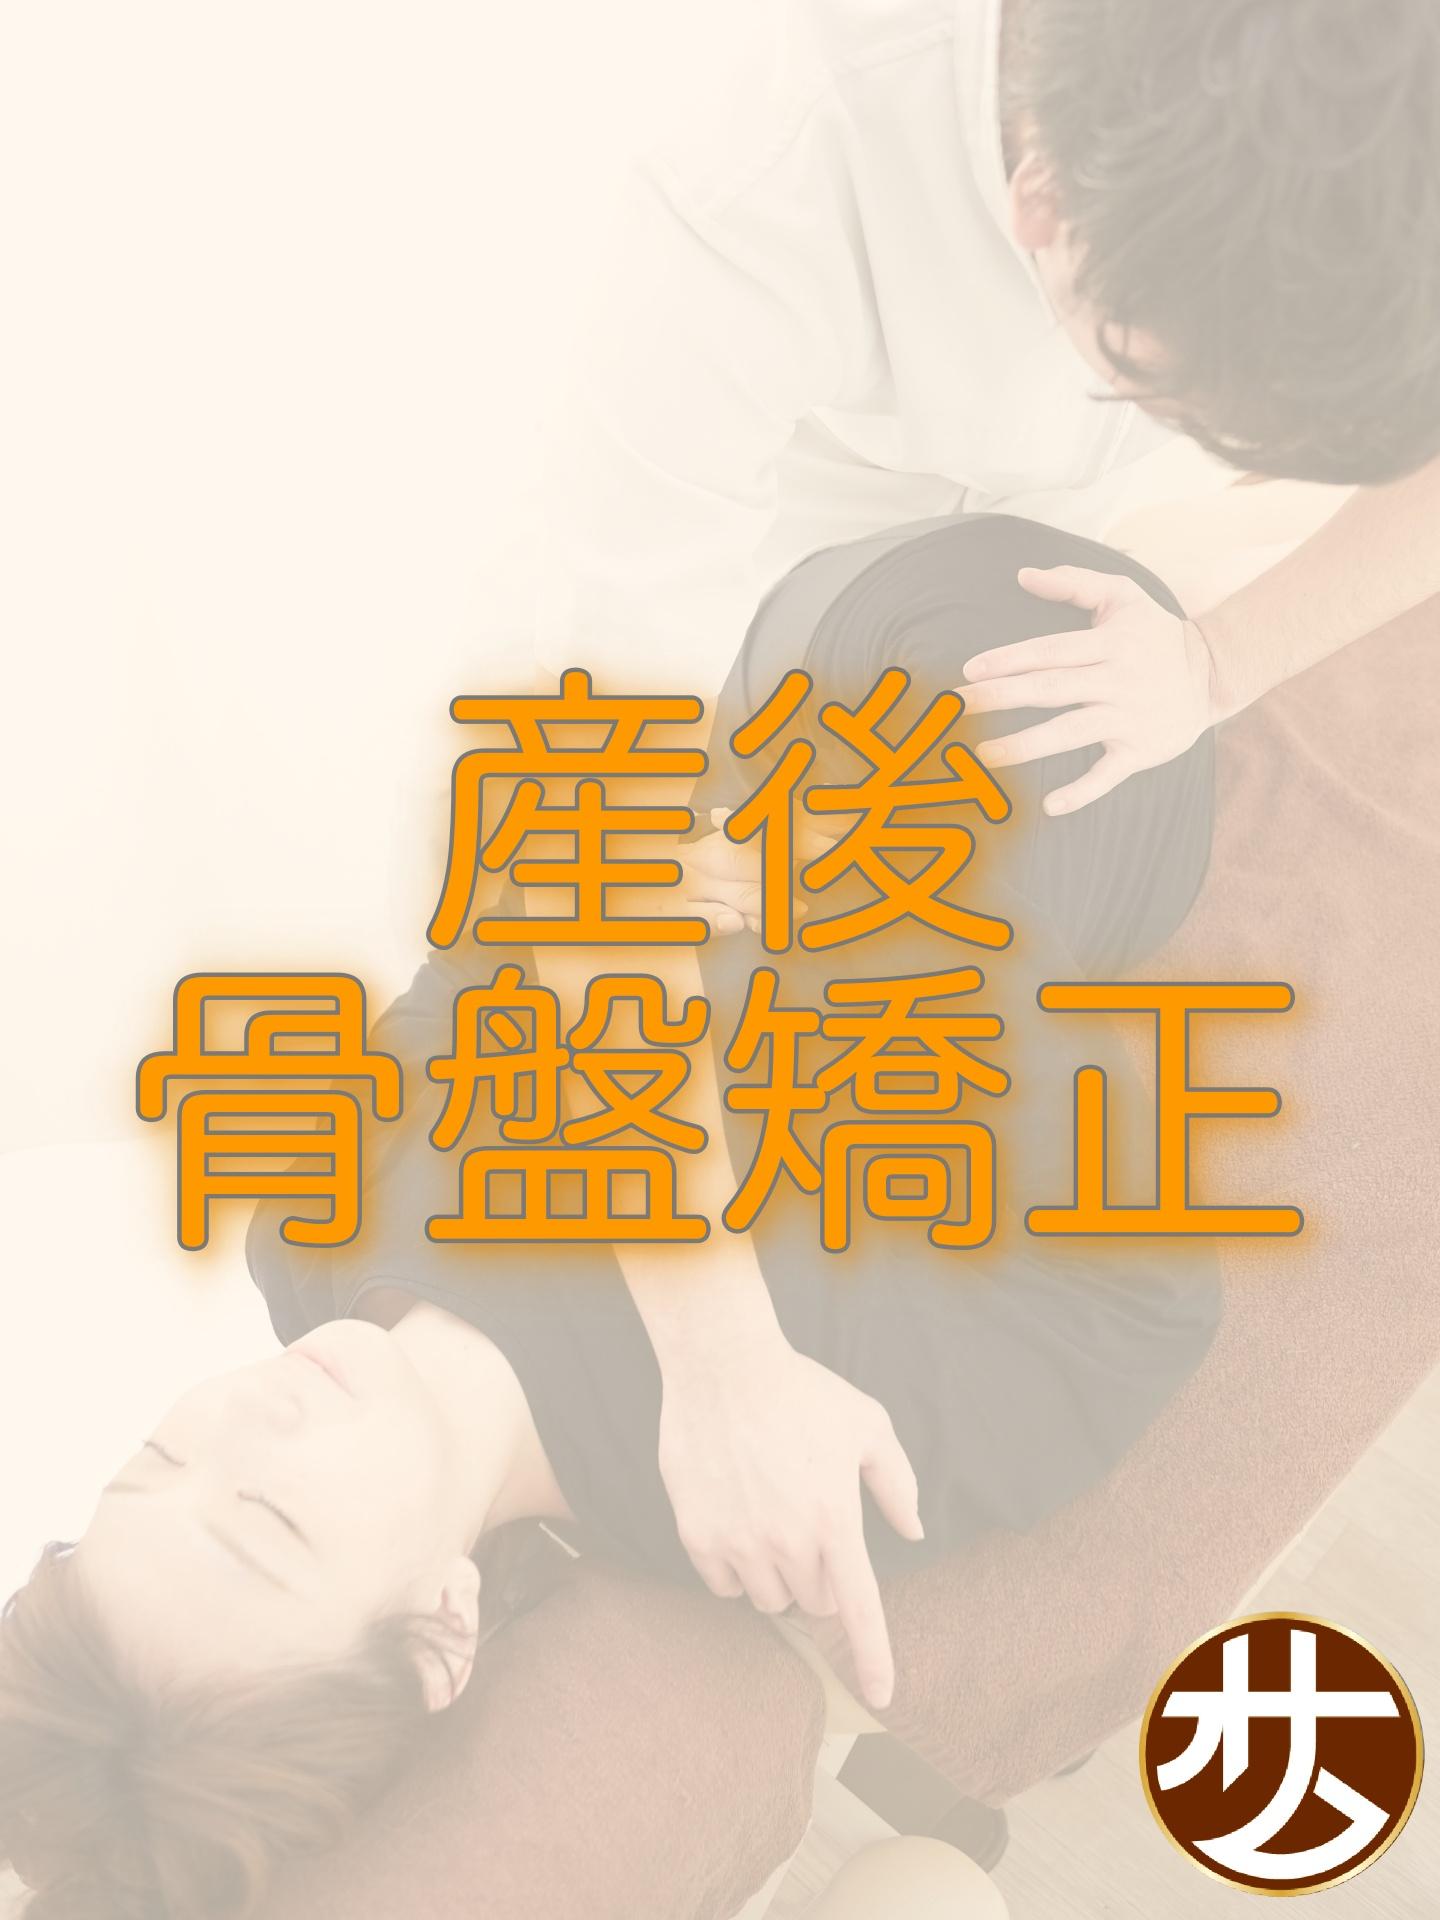 骨盤調整(産前・産後・腰痛)